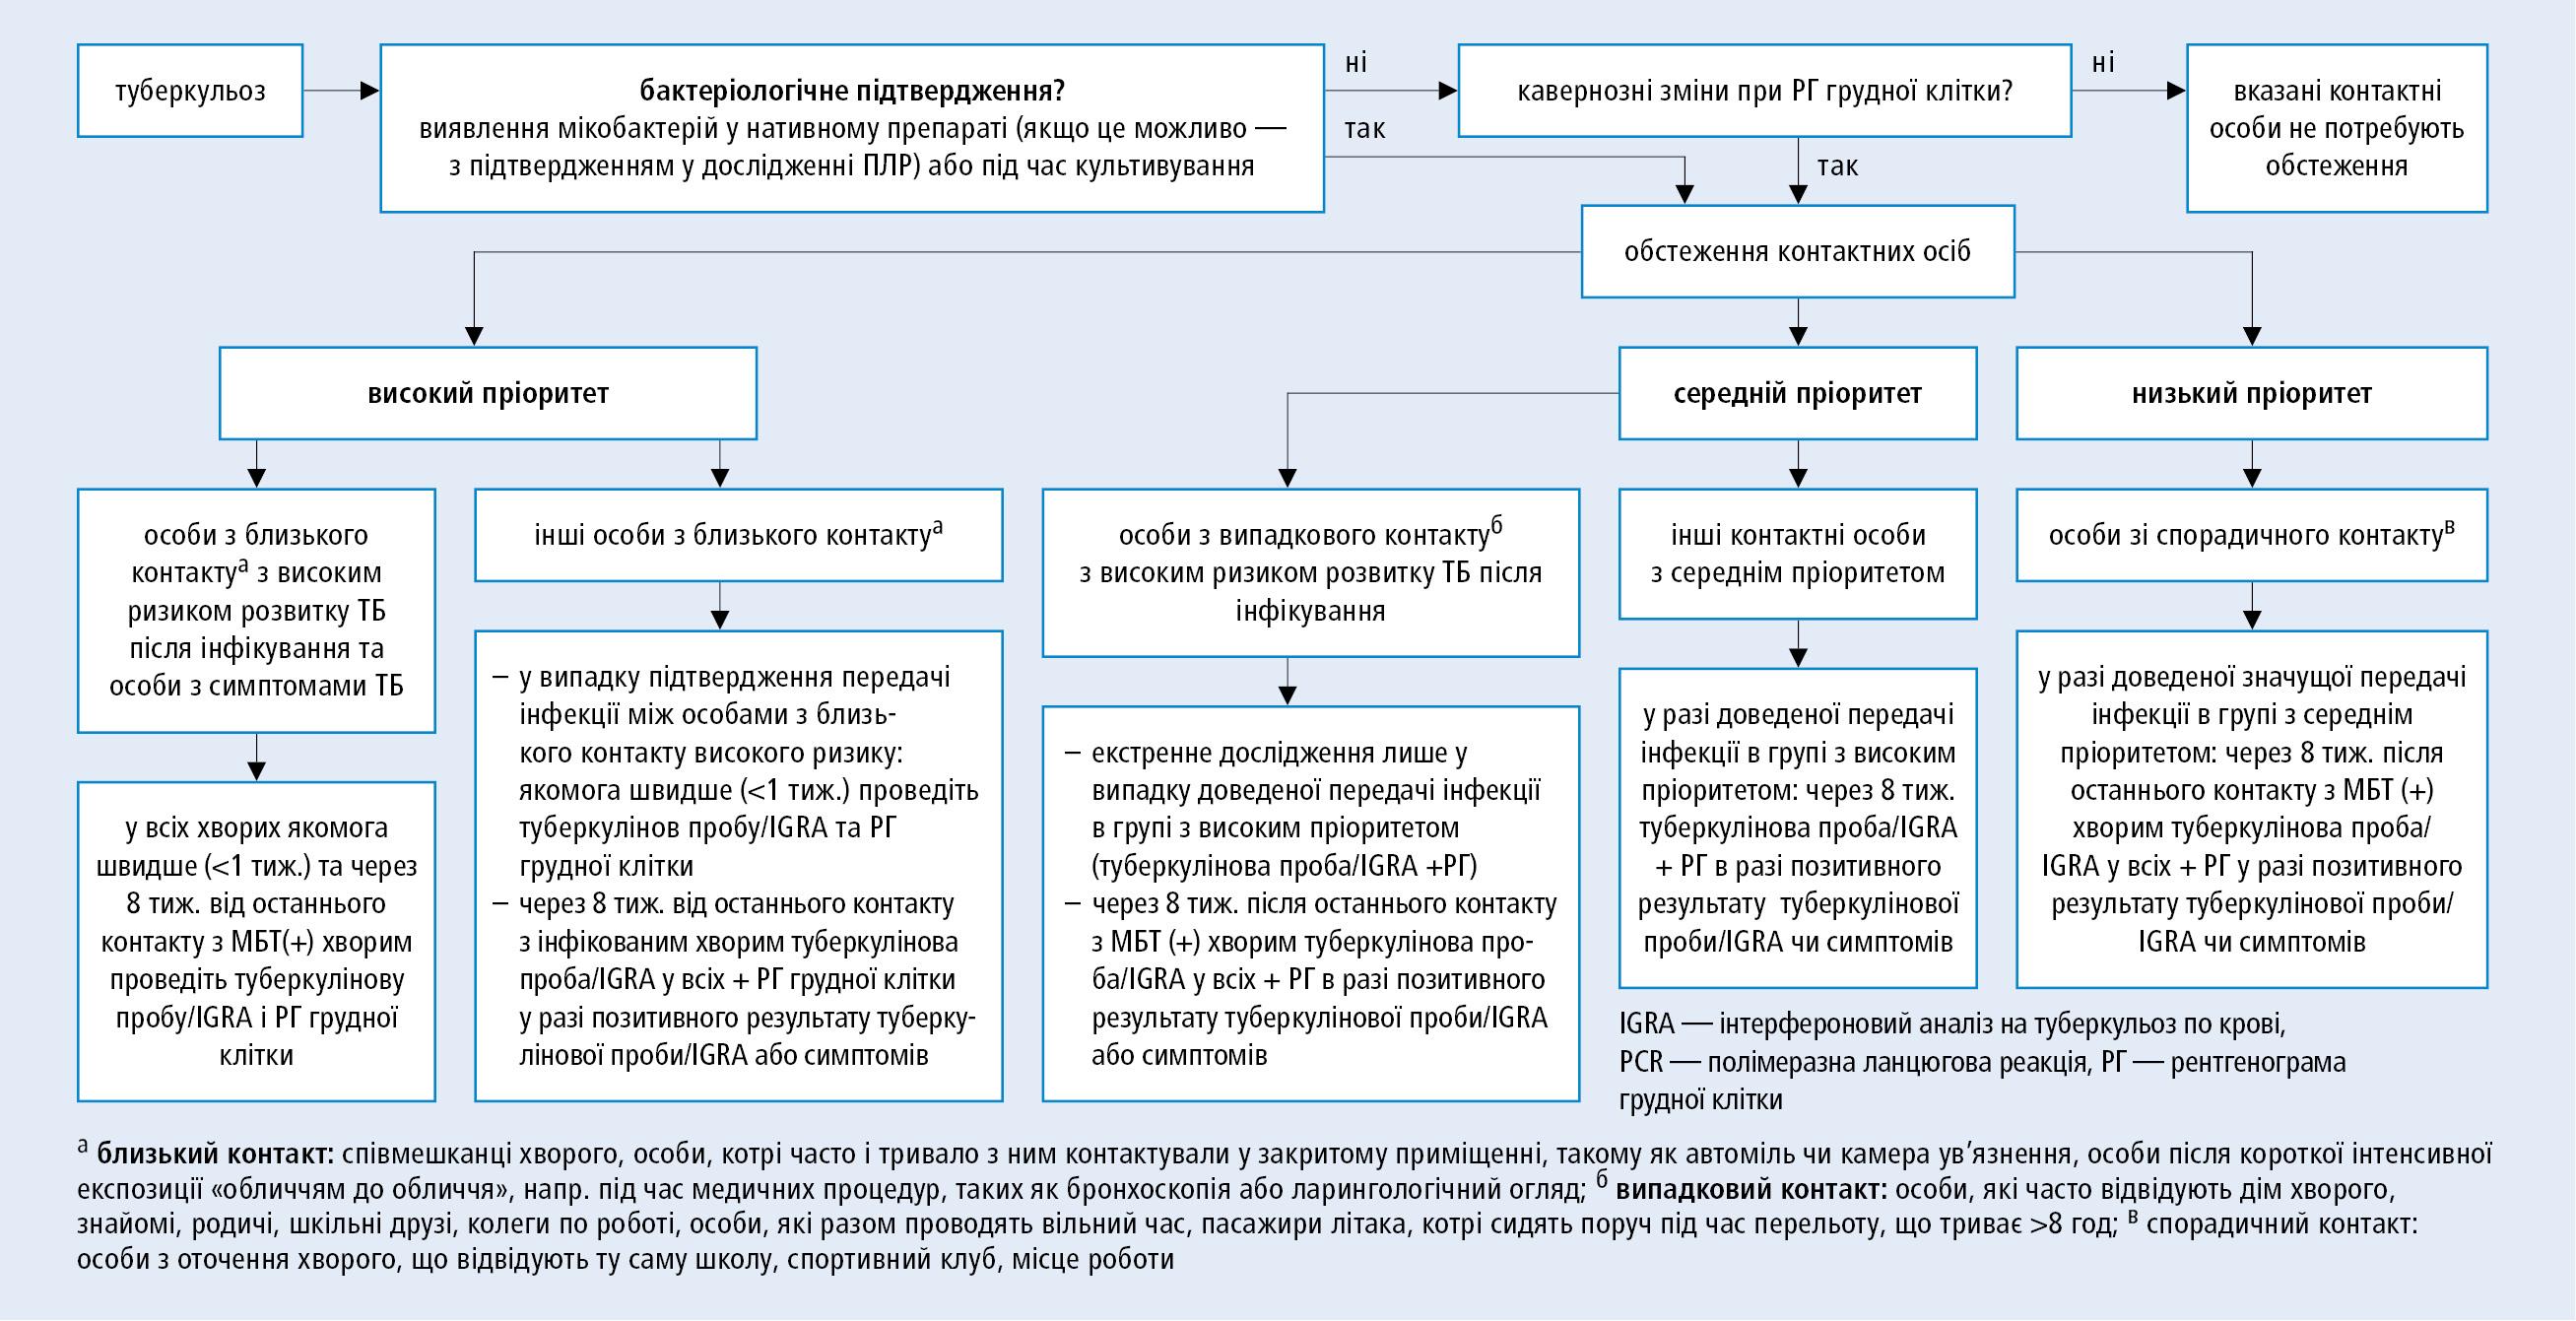 Обстеження контактних осіб— схема алгоритму дій (за постановою Європейського Консенсусу 2010; модифіковано)